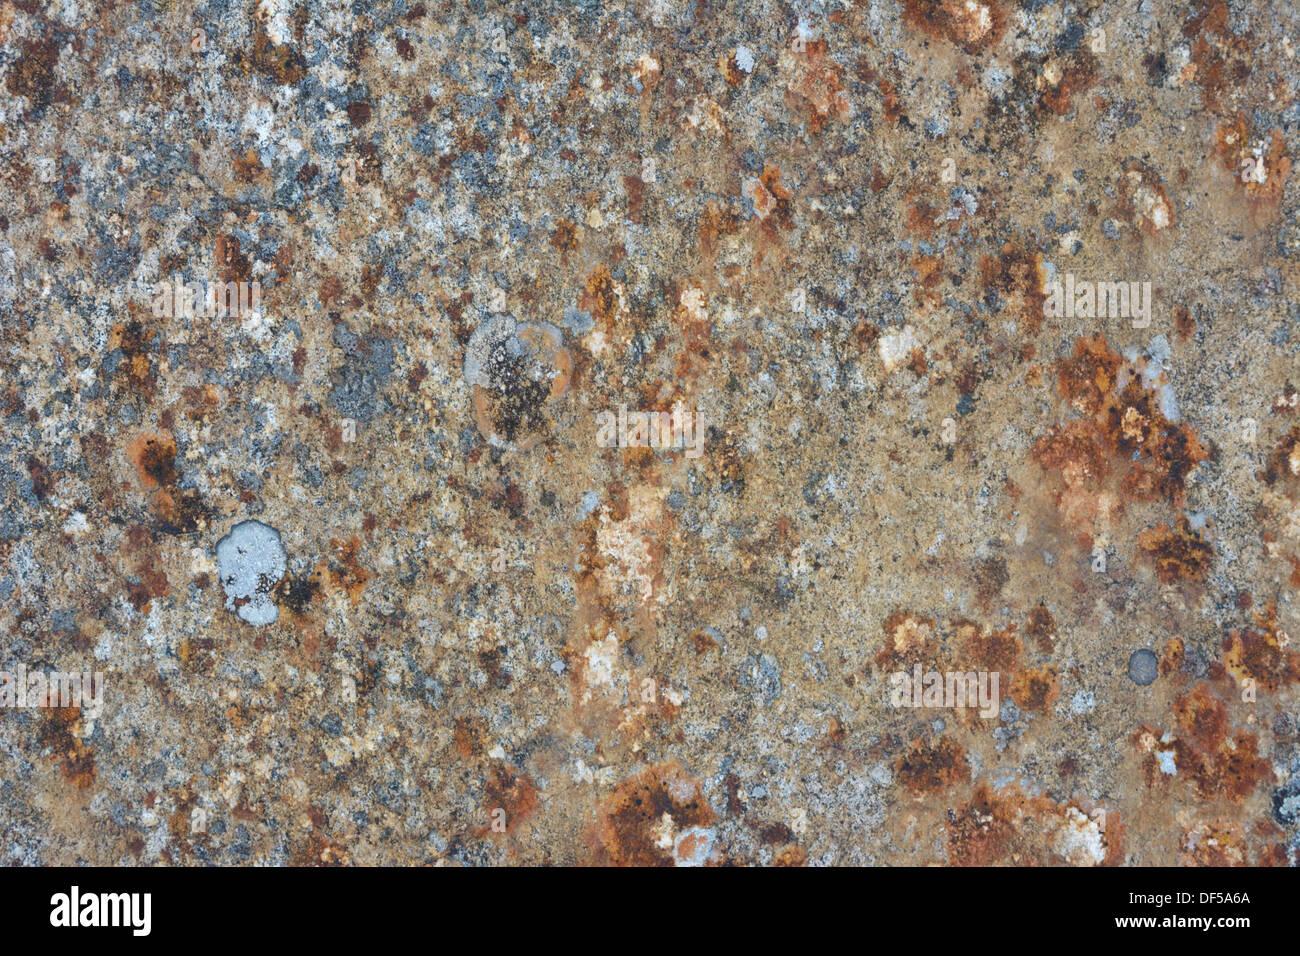 Rock texturas para fondos ot archivos de texturas. Imagen De Stock